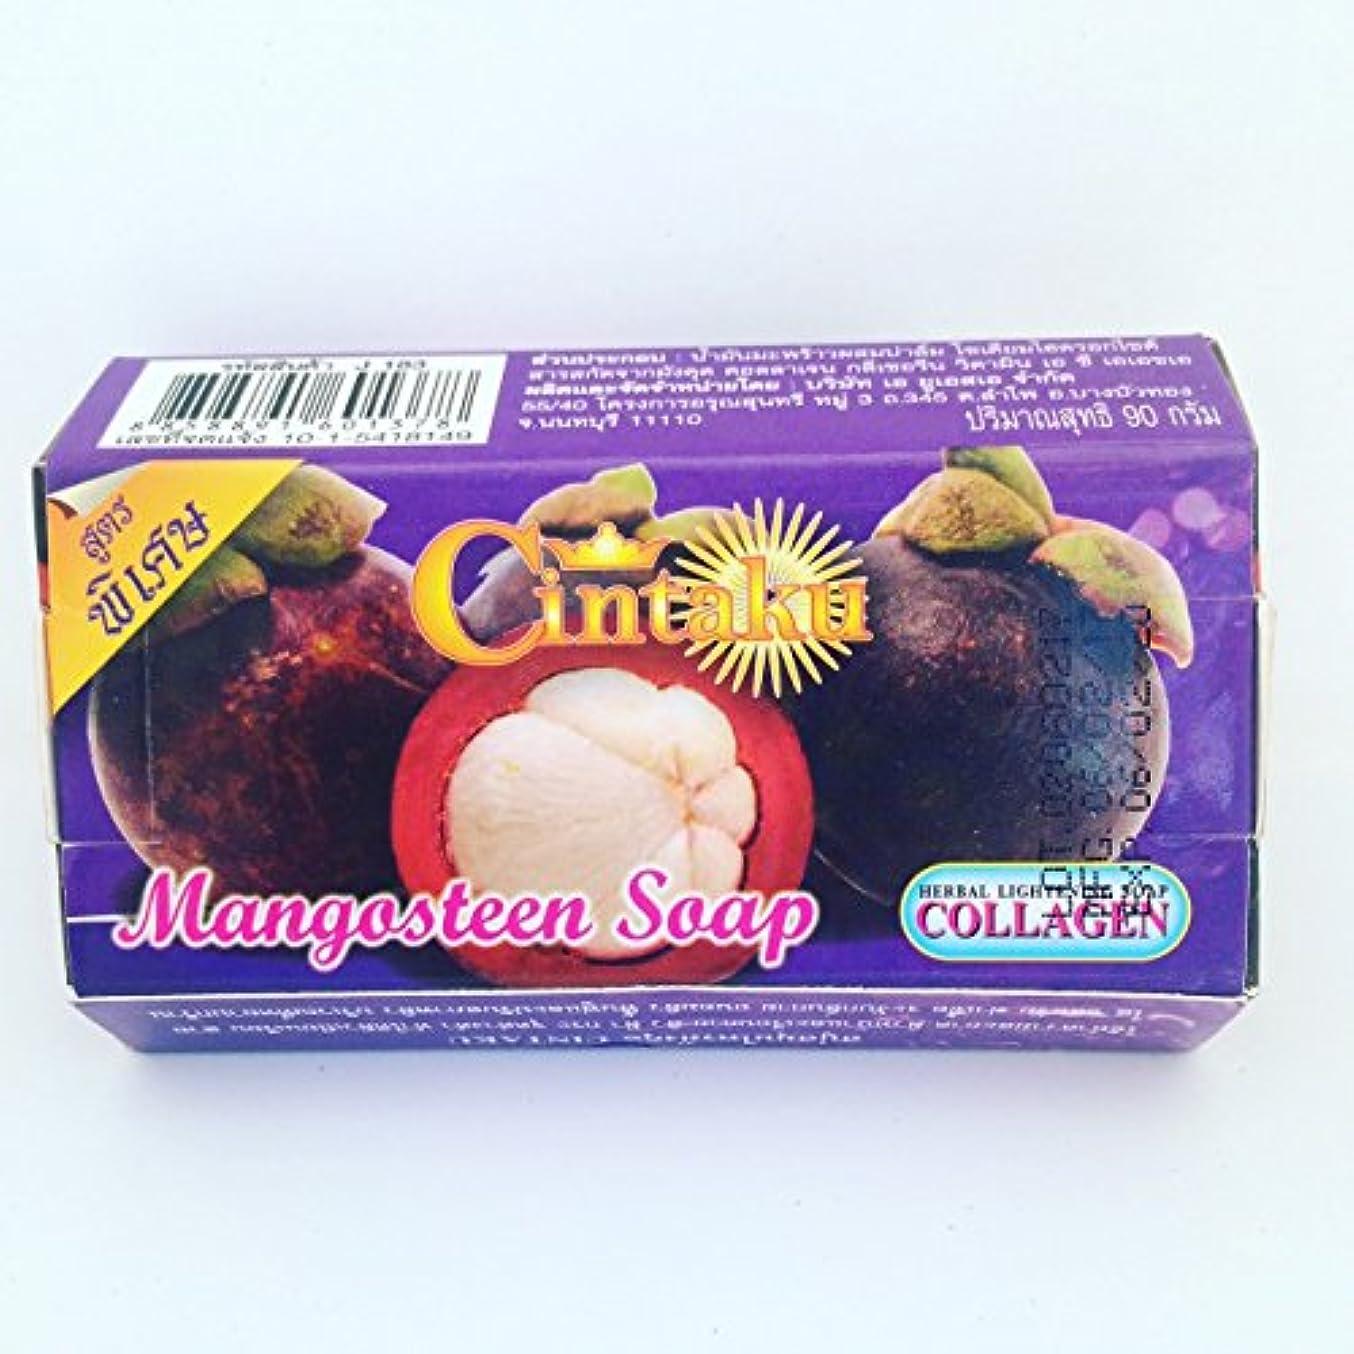 ボウリングイサカ酔ったCintaku マンゴスチン ソープ コラーゲン配合 90g 1個 Mangosteen Soap COLLAGEN